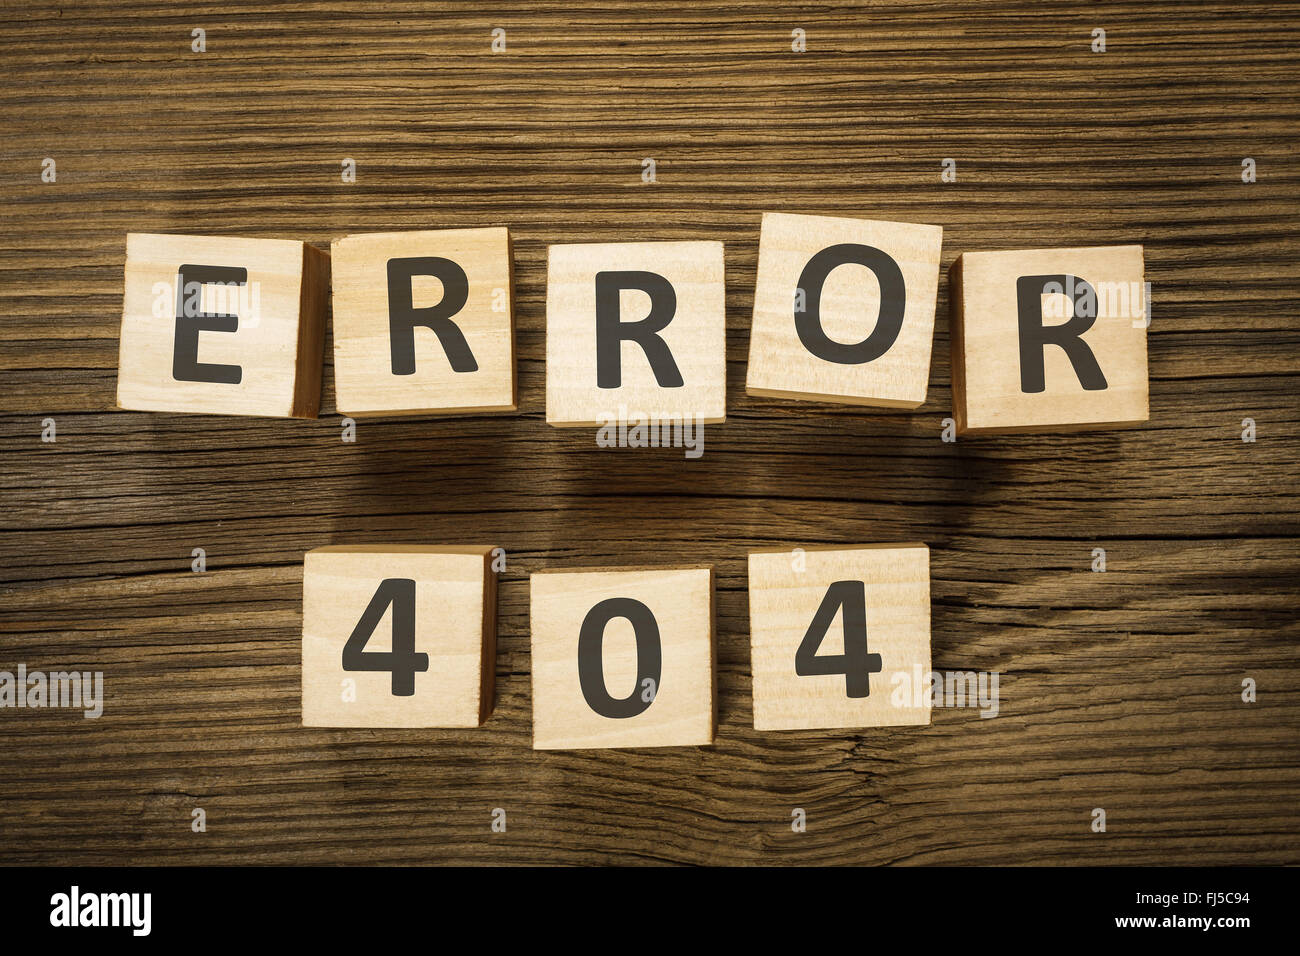 """Inschrift """"Fehler 404' von Holzklötzen gemacht Stockbild"""